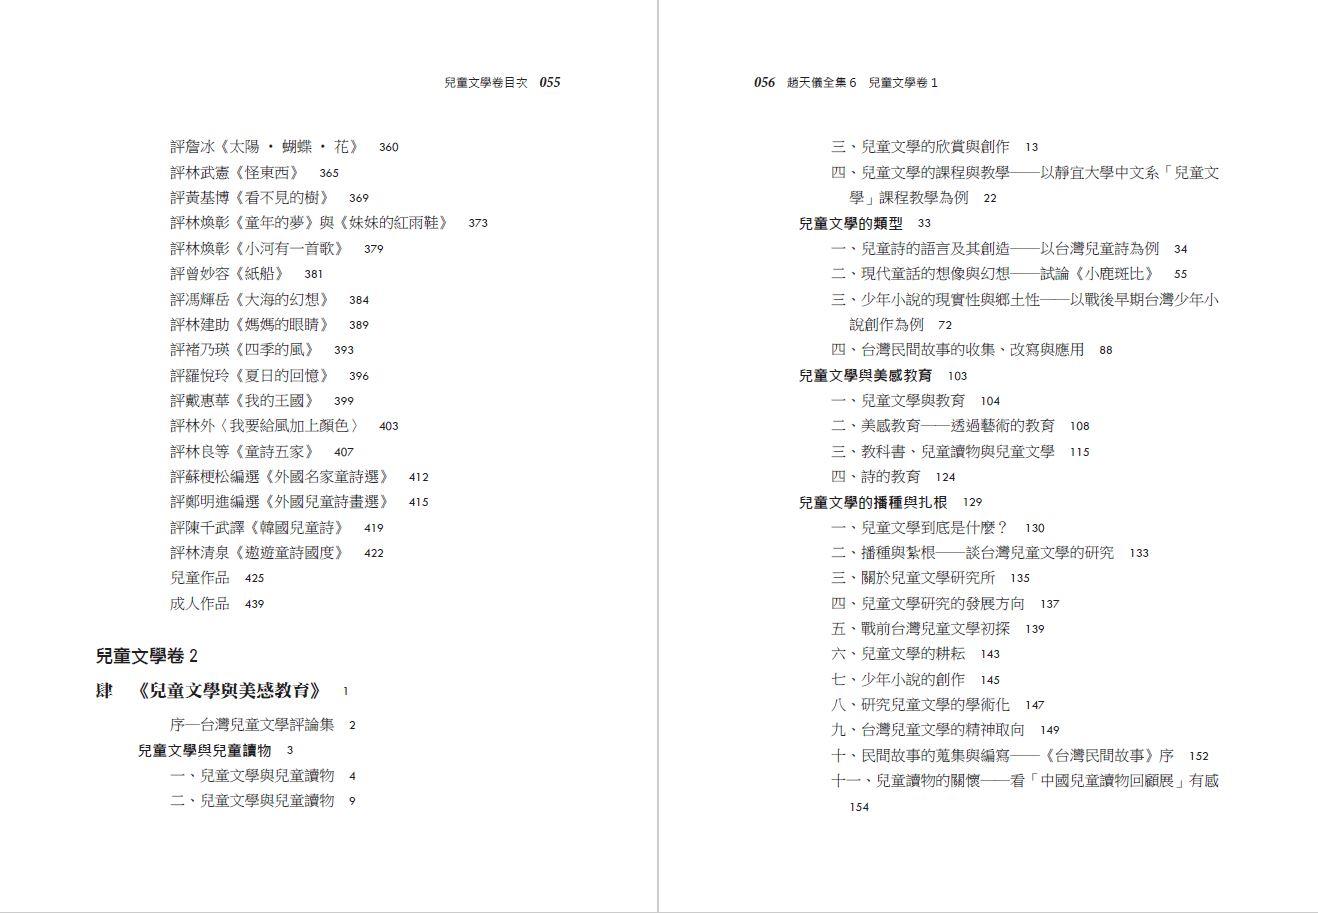 趙天儀全集-兒童文學卷-目錄5.JPG